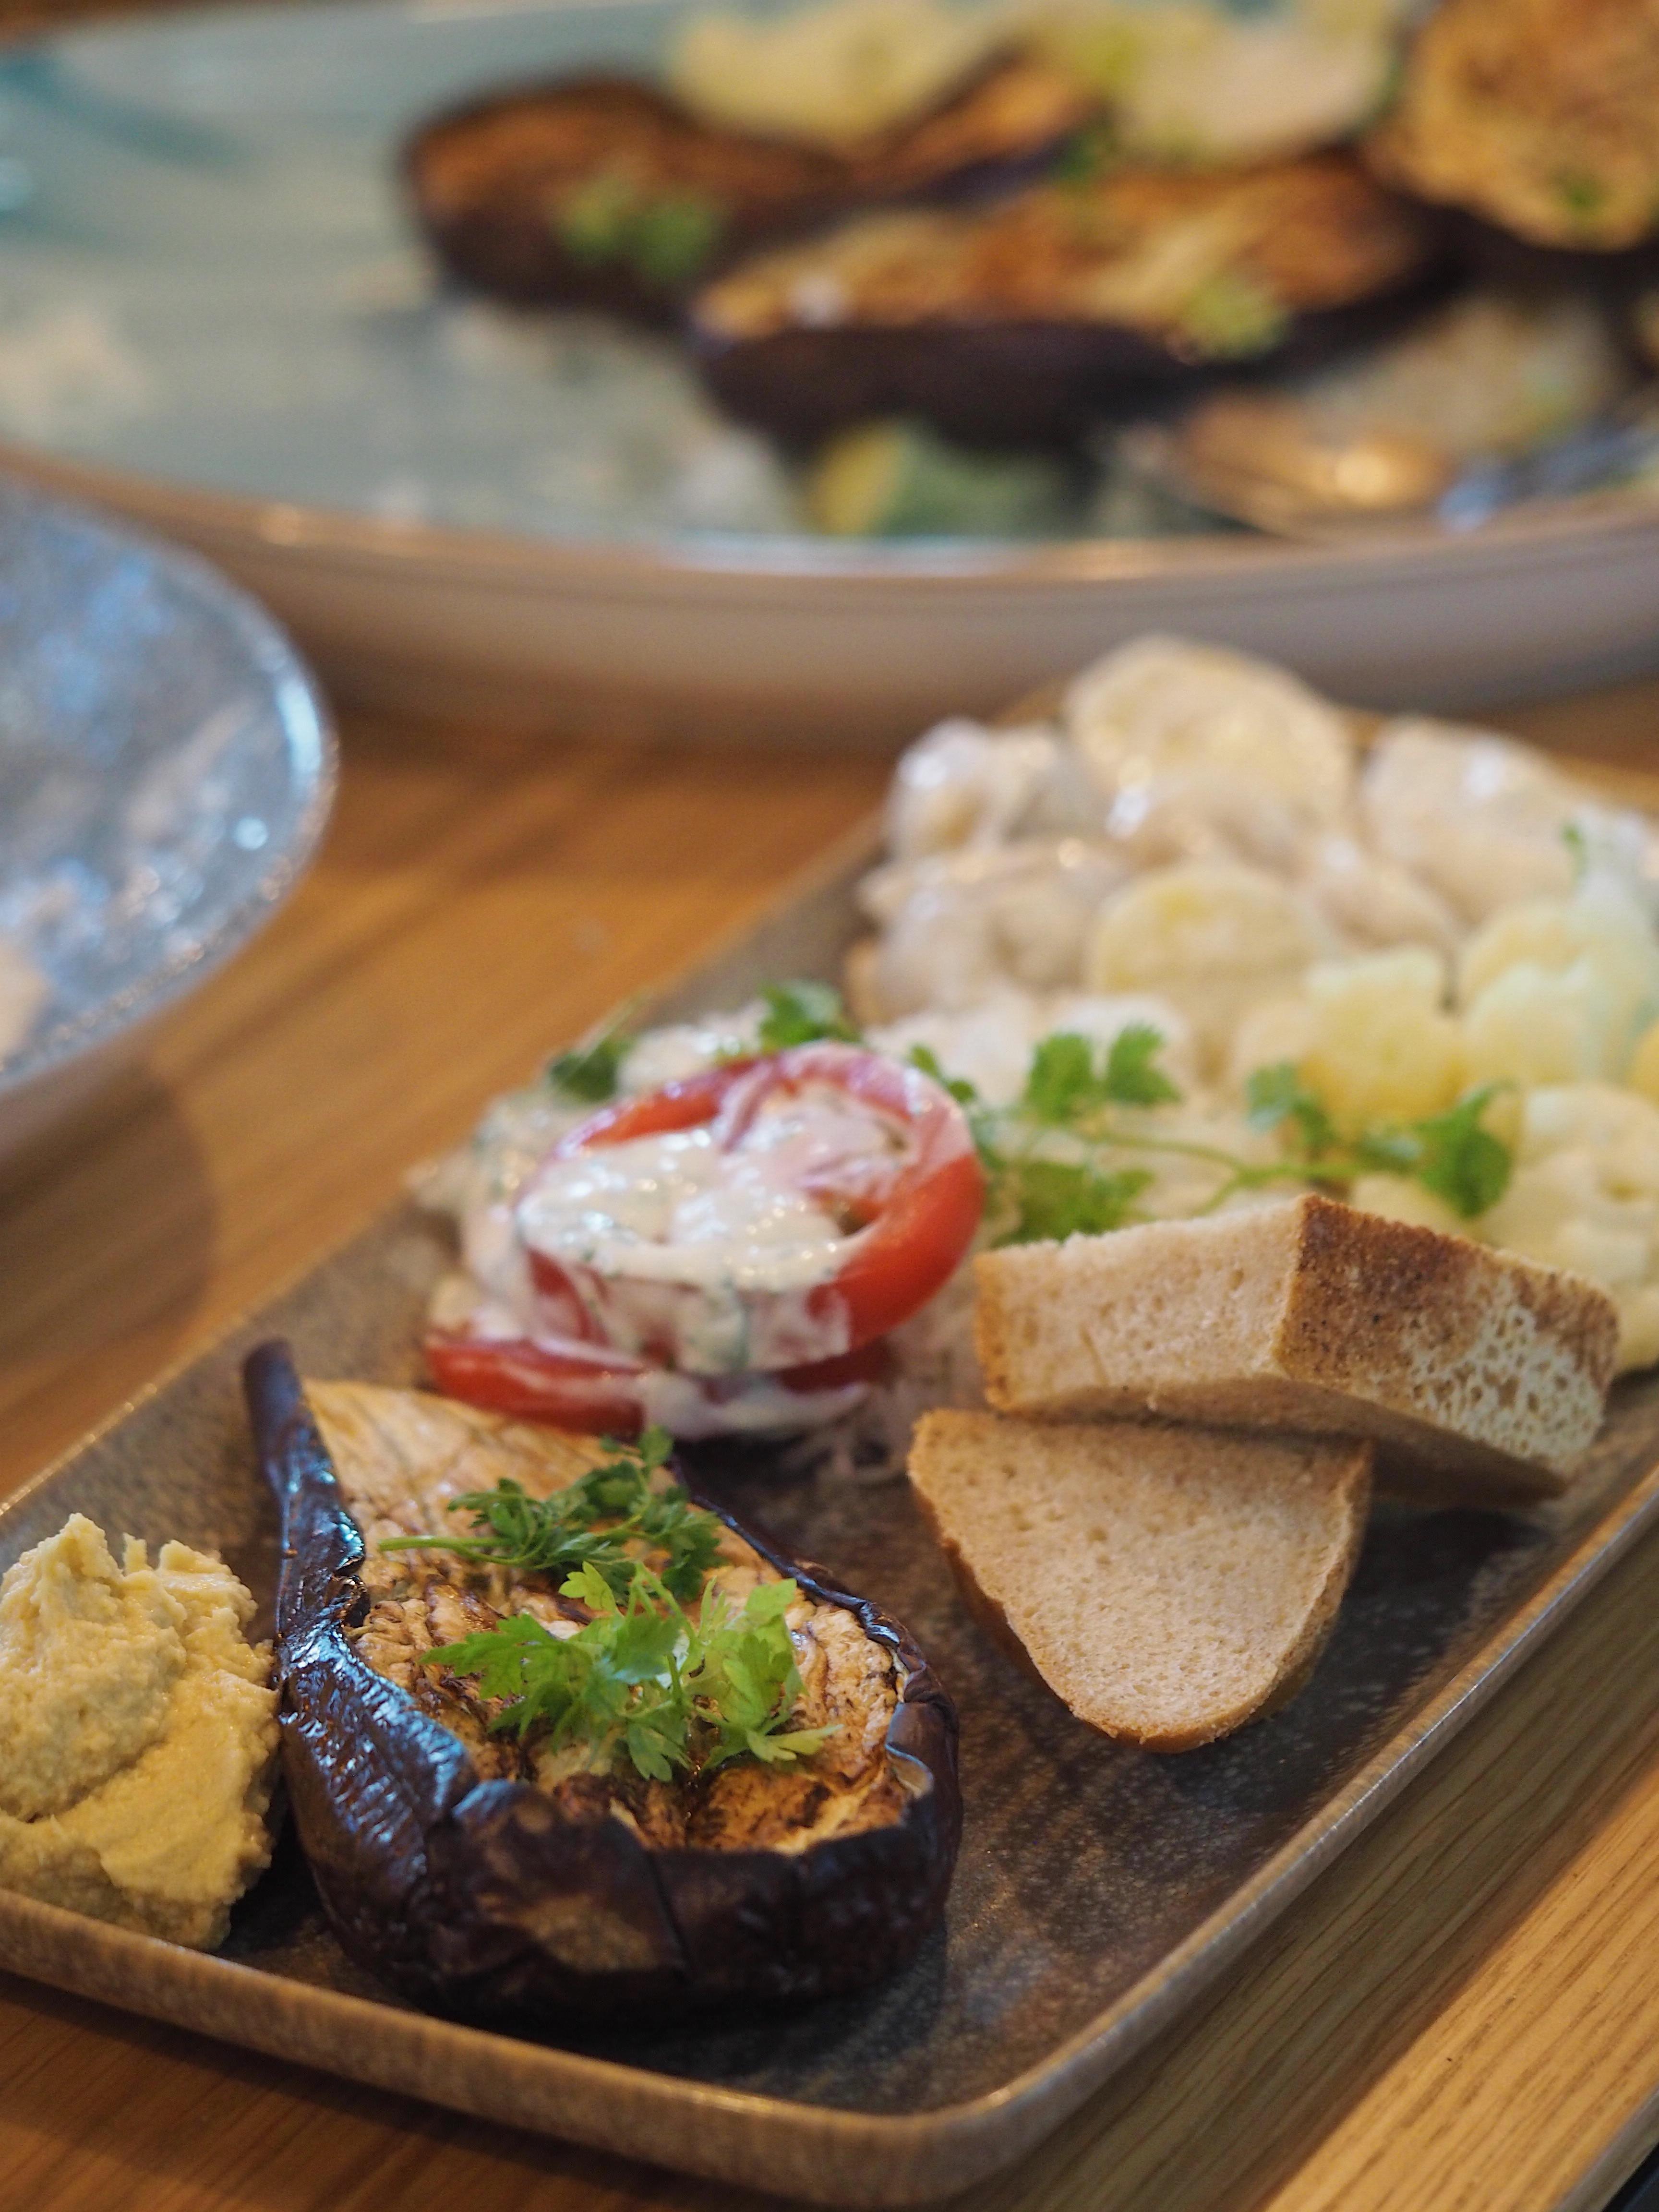 Cafe Odeon Social Mit Odense Fællesspisning ny cafe Vegetar Dessert Spilaften Brætspilsaften Odense Spise guide Mia Lindholm Blog Blogger